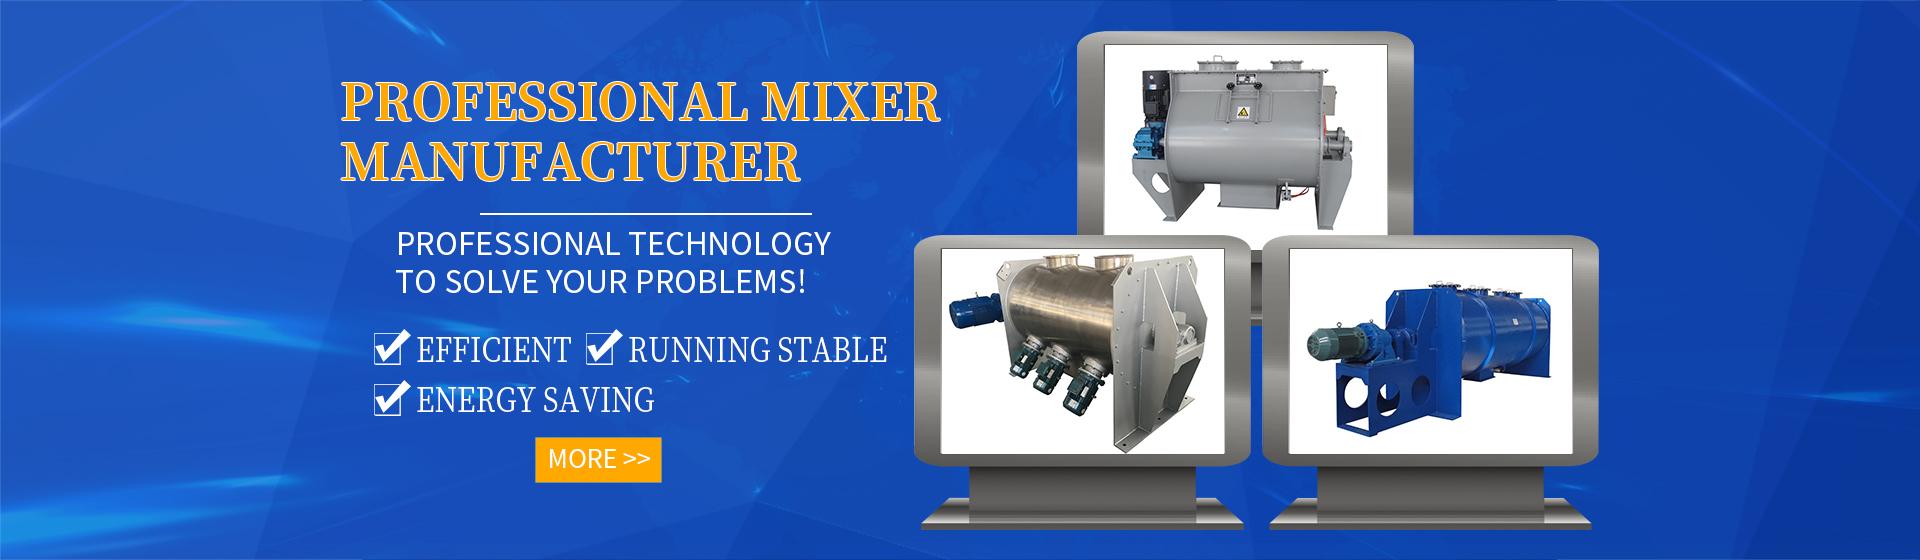 Mixer manufacturer, horizontal mixer, horizontal screw mixer